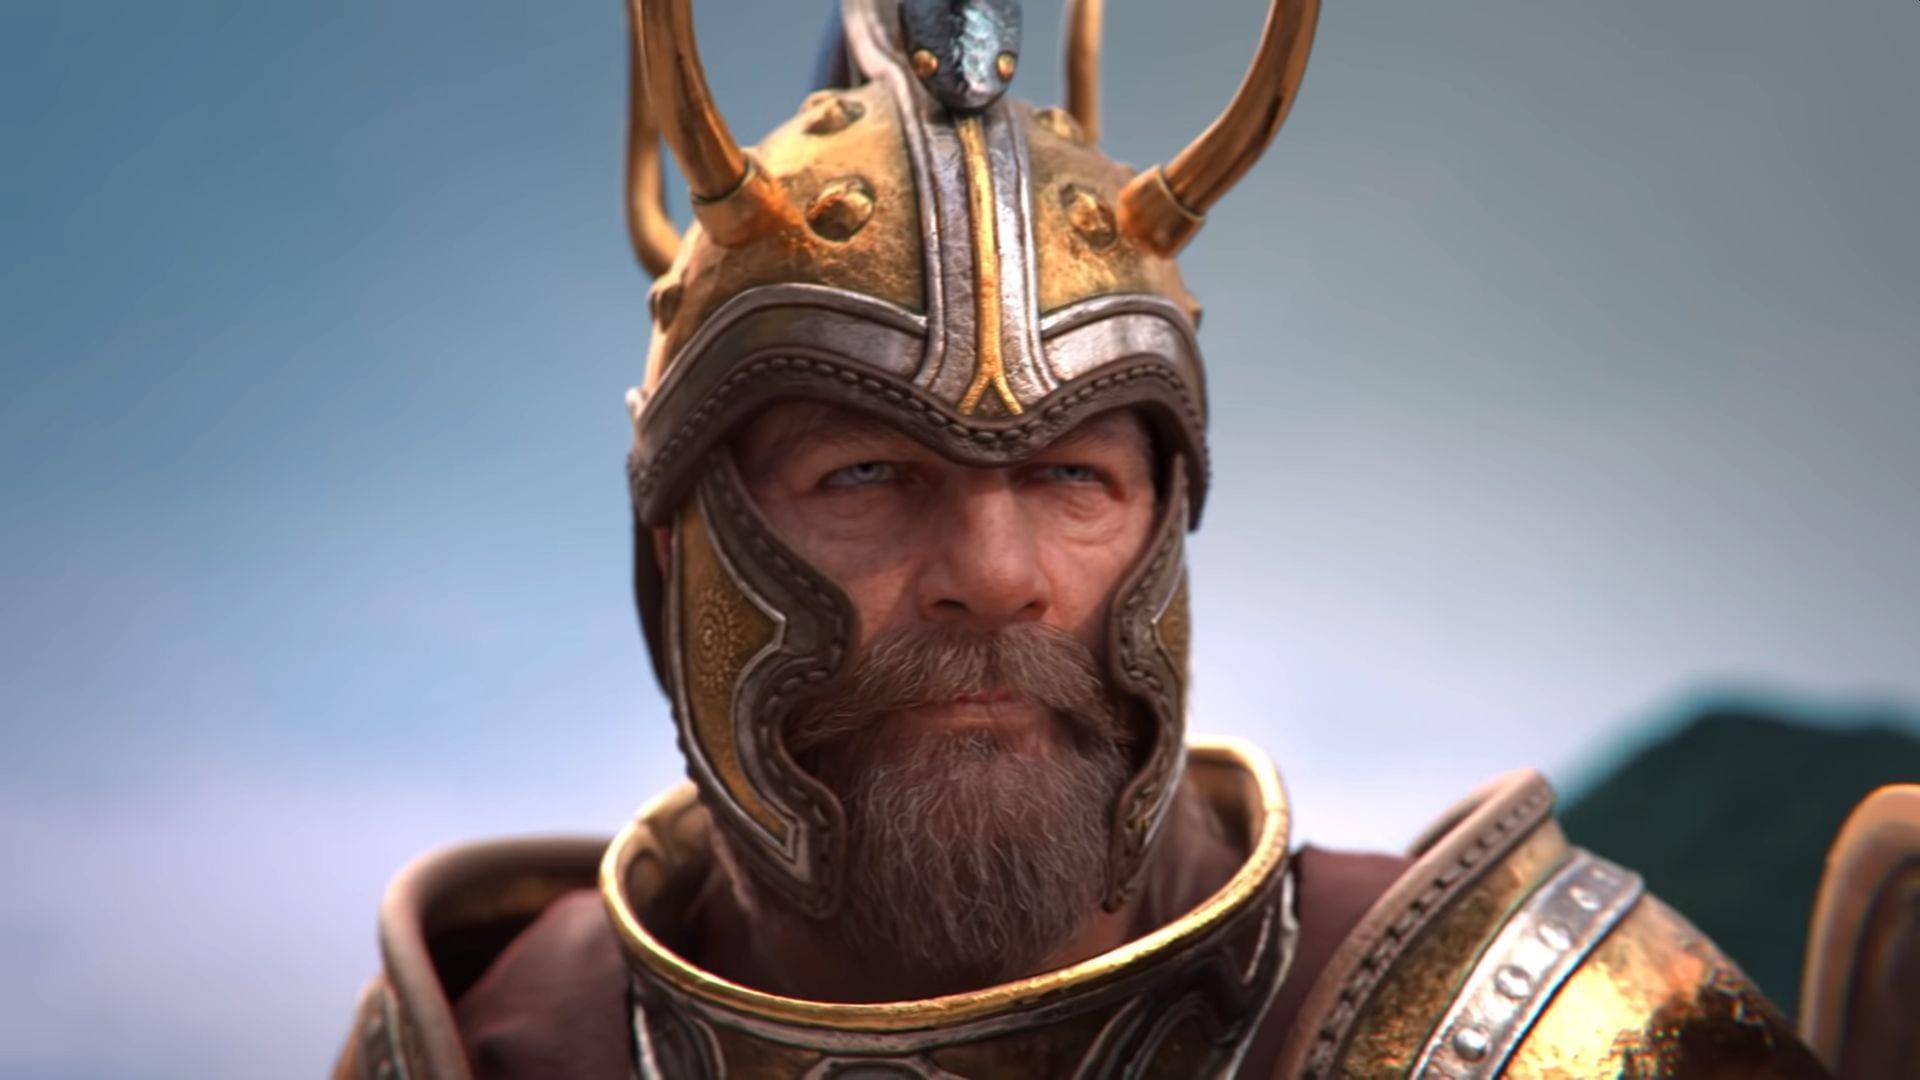 Видео: величественный царь Агамемнон в новом трейлере Total War Saga: Troy